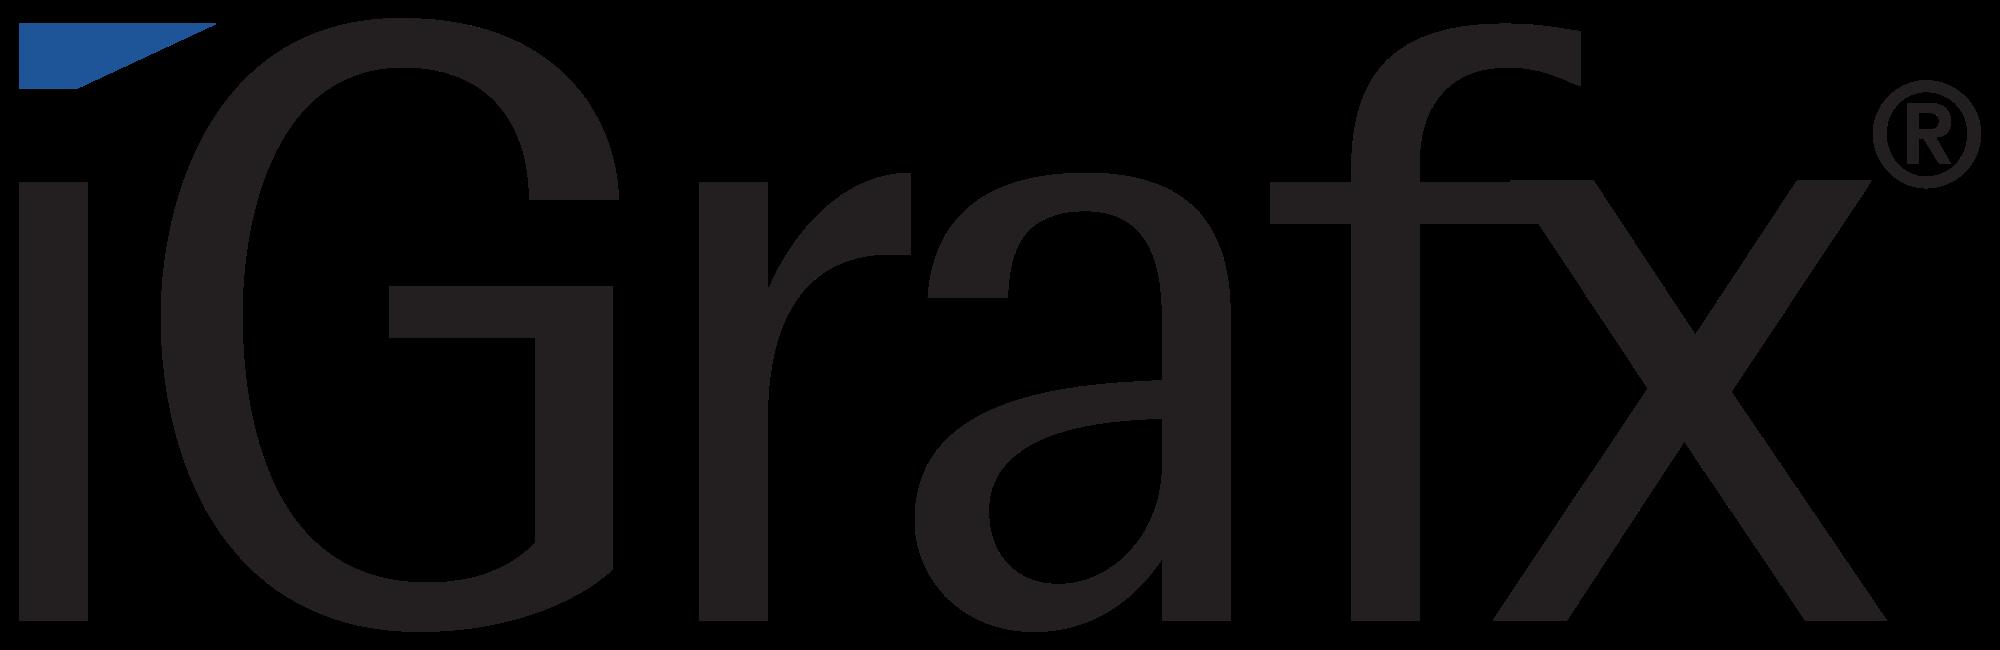 igrafx-logo.png